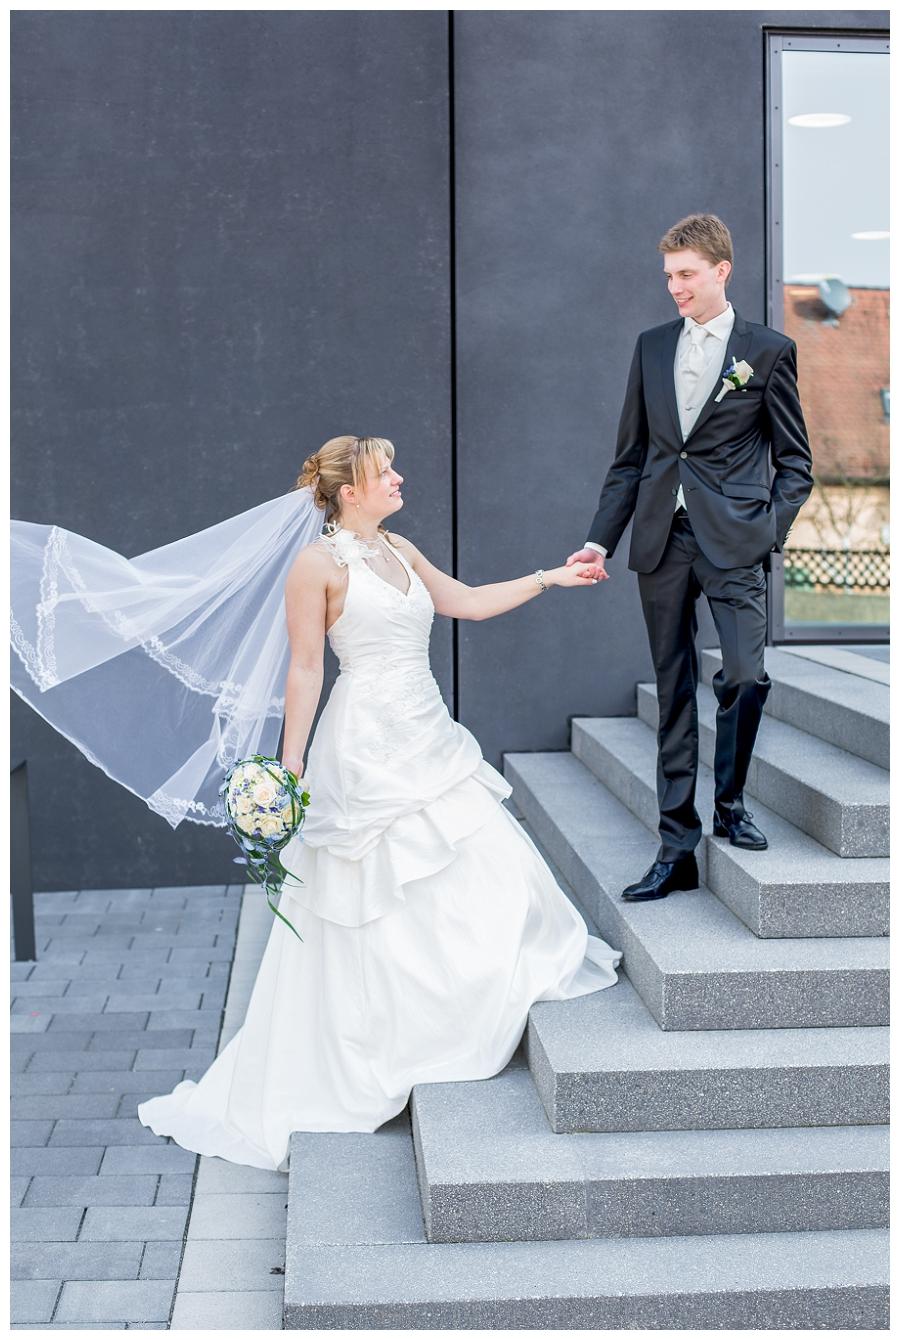 ClaudiaPelnyFotografie_Hochzeit_Bamberg_Nuernberg_Forchheim_0015